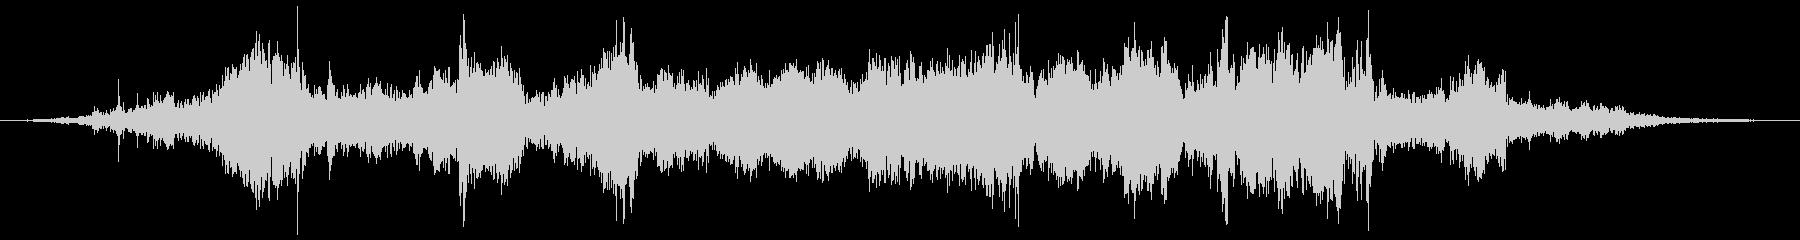 モトアクセラレータ0〜10の未再生の波形